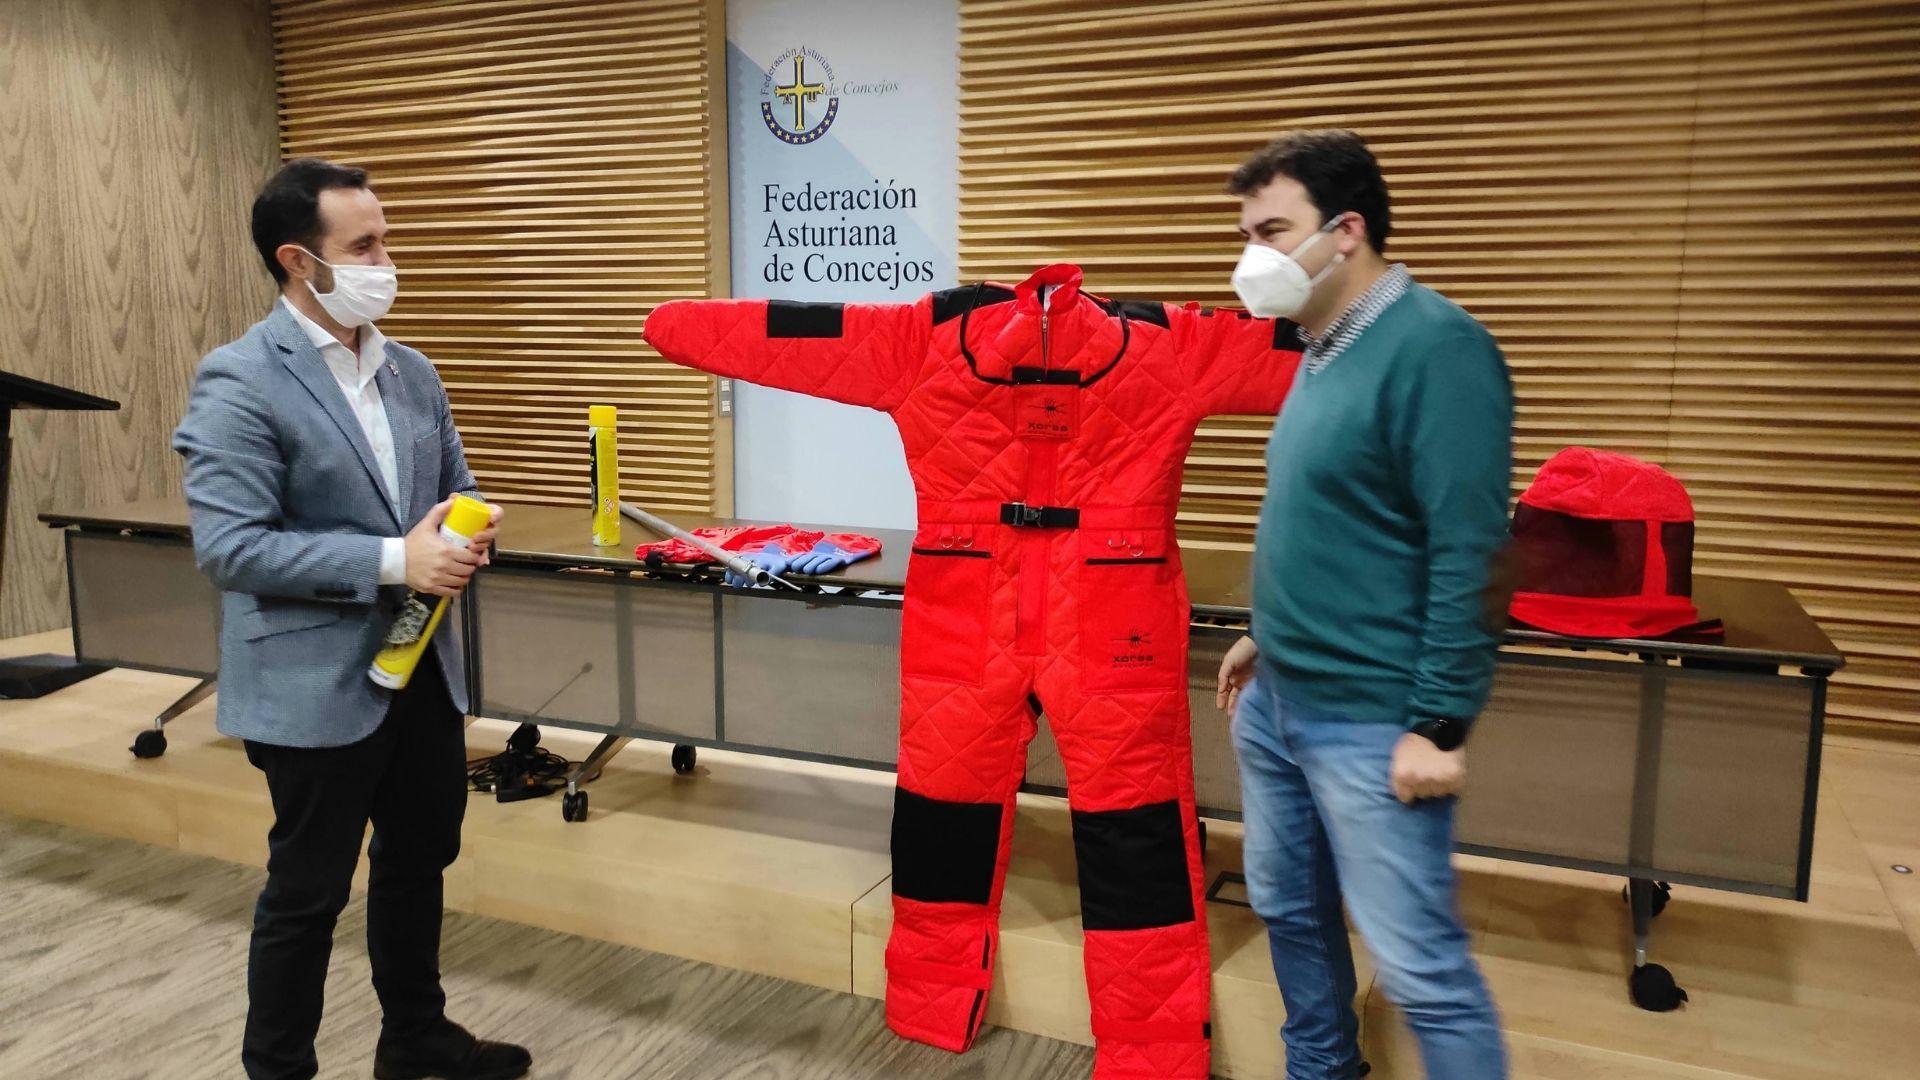 La búsqueda de Manuel Rodríguez Eiroa, en imágenes.El director general del Medio Natural y Planificación Rural, David Villar, y el vicepresidente de la Federación Asturiana de Concejos (FACC) y coordinador de la comisión de Medio Ambiente del organismo, Sergio Hidalgo, con uno de los trajes de protección ante la velutina